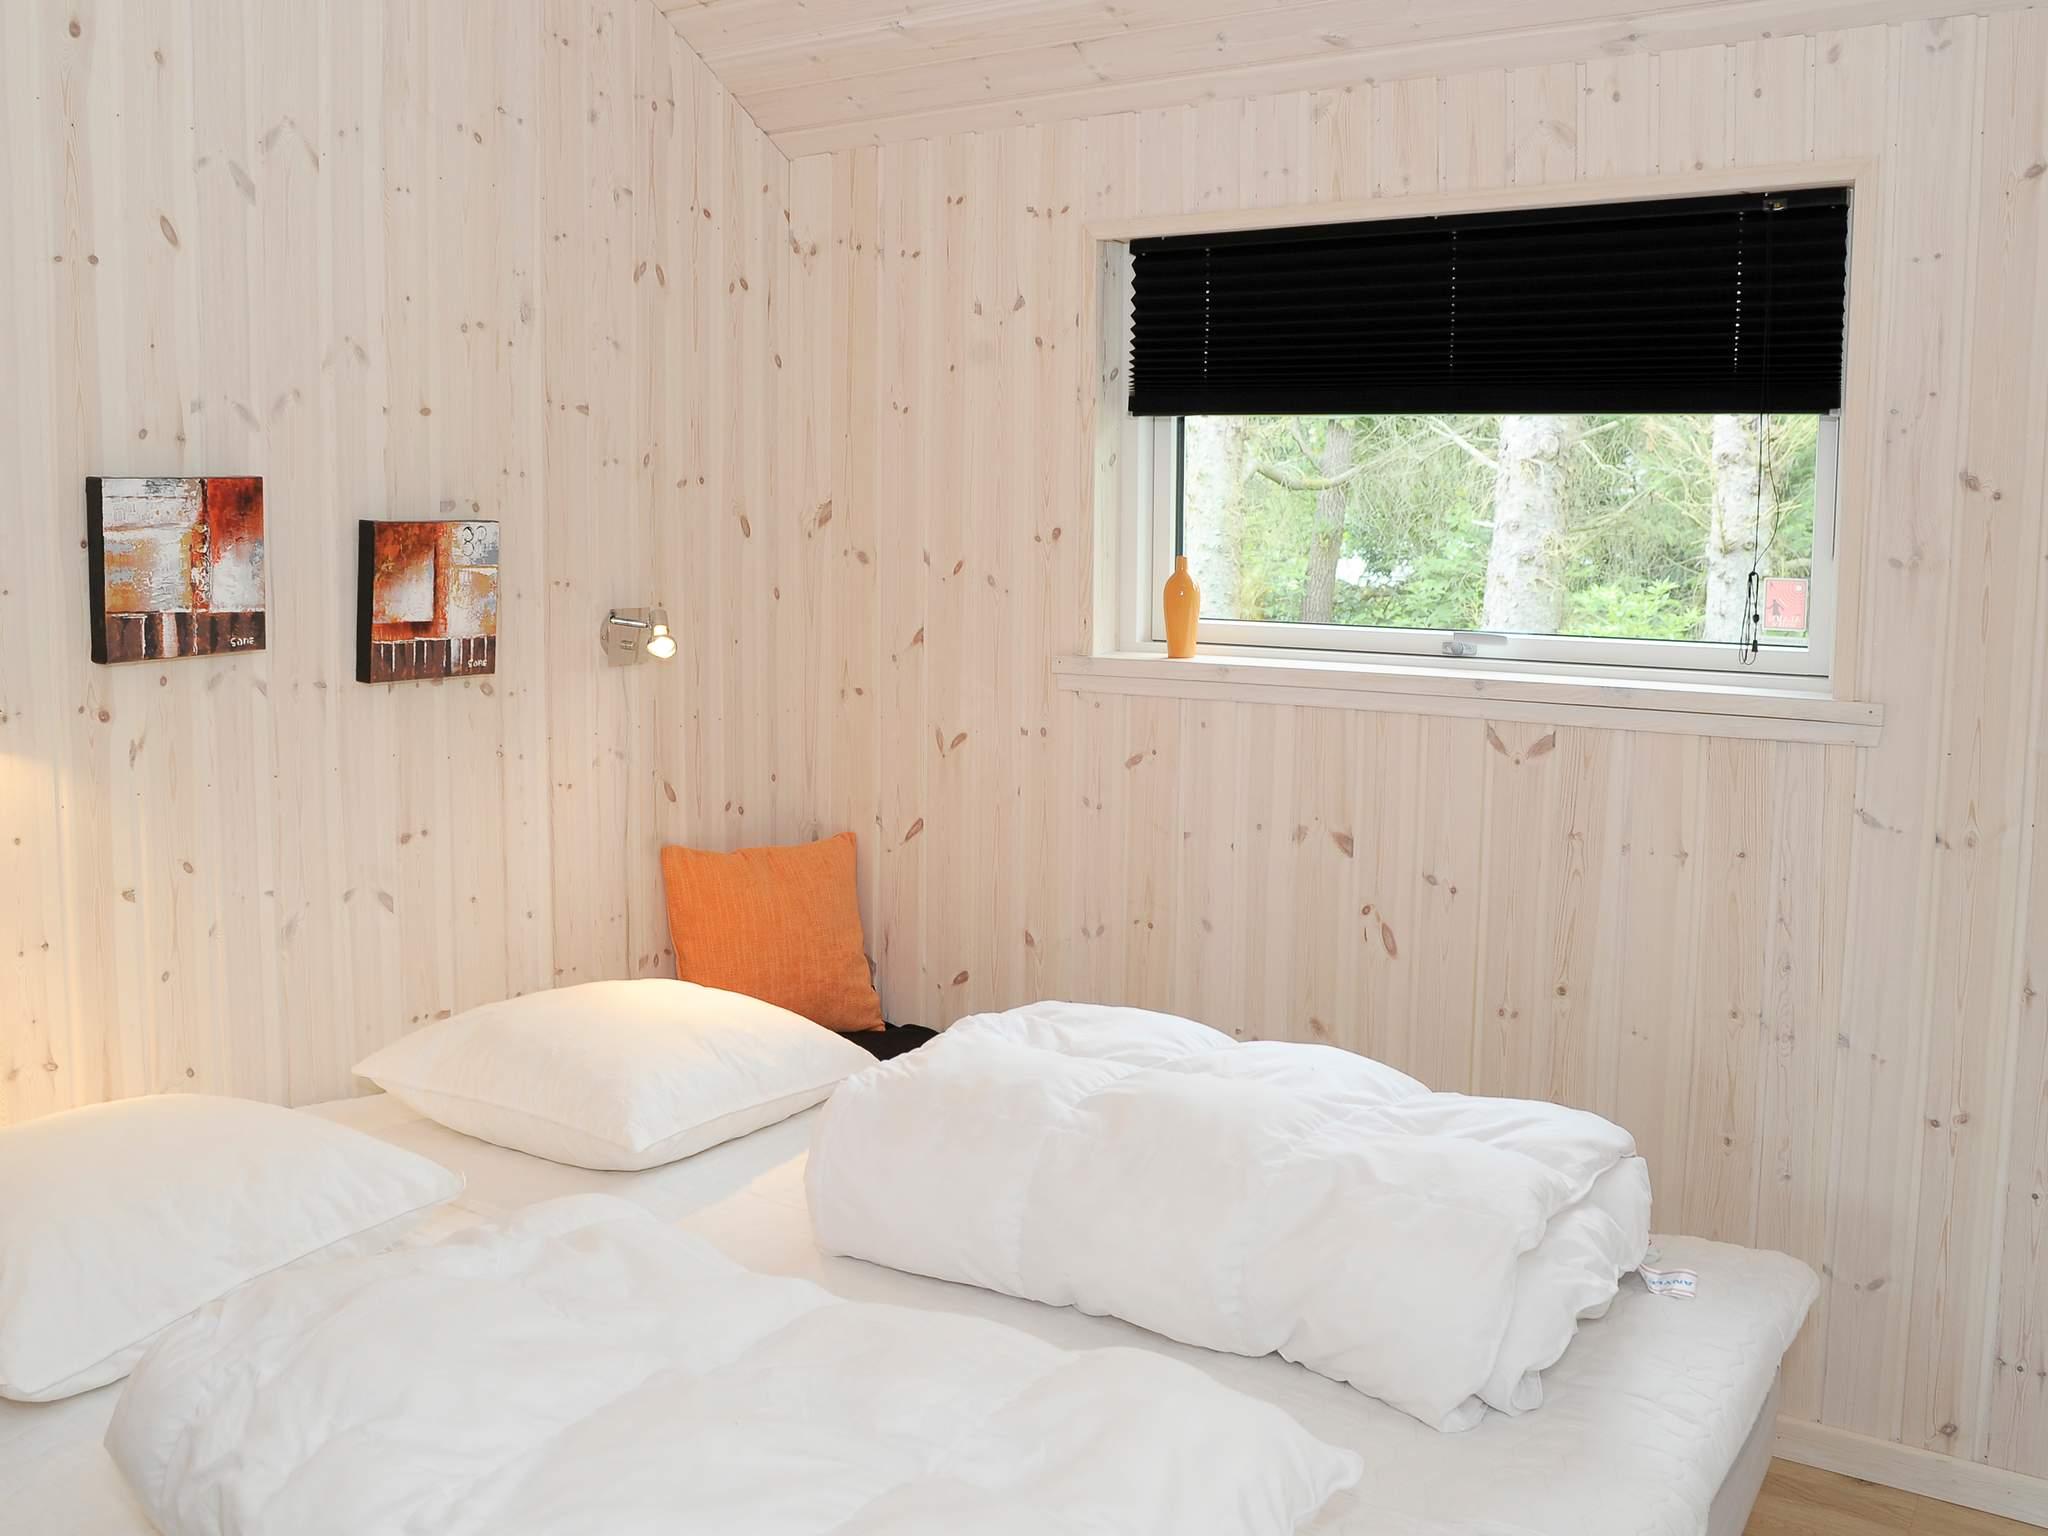 Ferienhaus Silkeborg (490433), Silkeborg, , Ostjütland, Dänemark, Bild 9